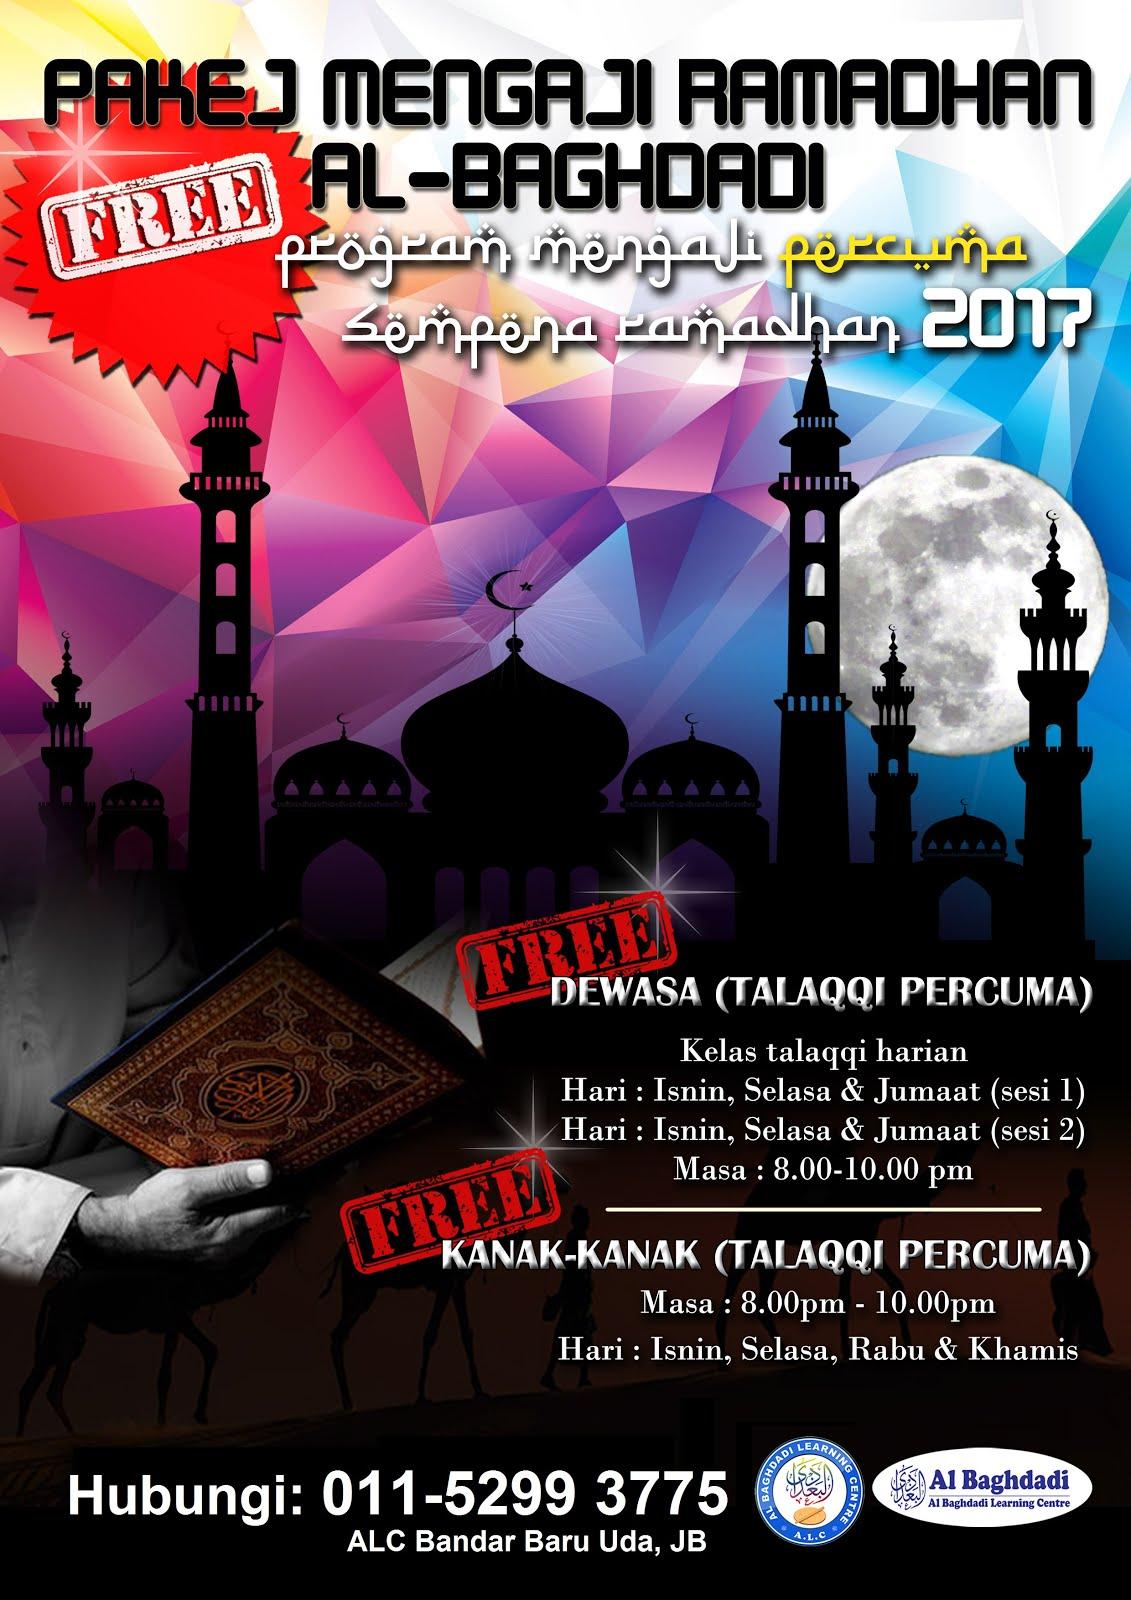 Pakej Mengaji Ramadhan PERCUMA